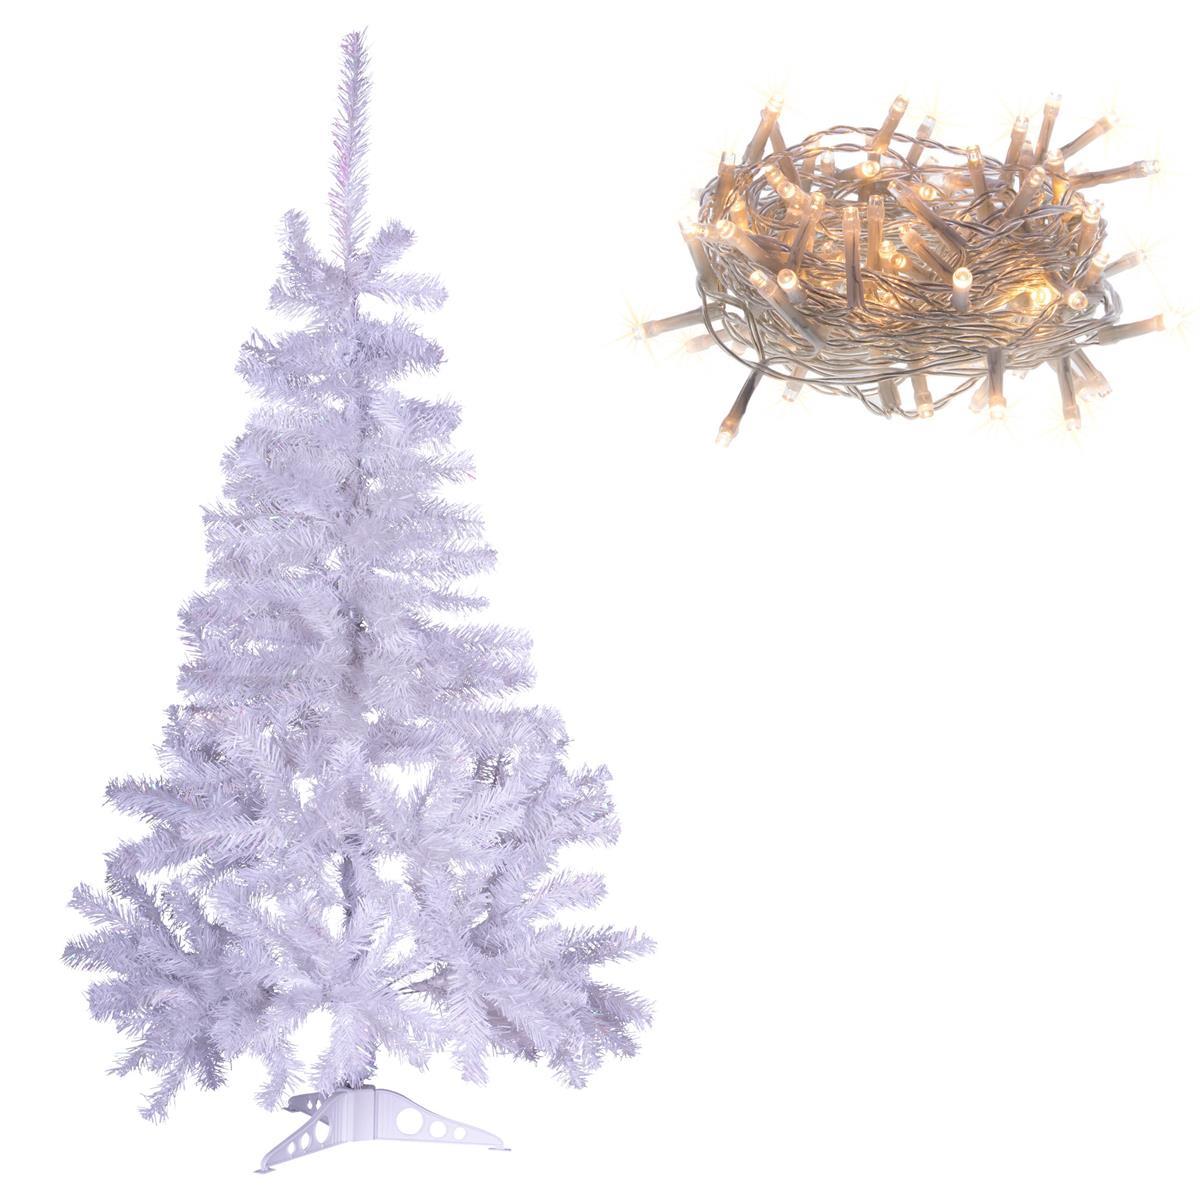 Weihnachtsbaum Aufbauen.Weihnachtsbaum Weiß Mit Glitzereffekt 120 Cm Mit Ständer 100 Led